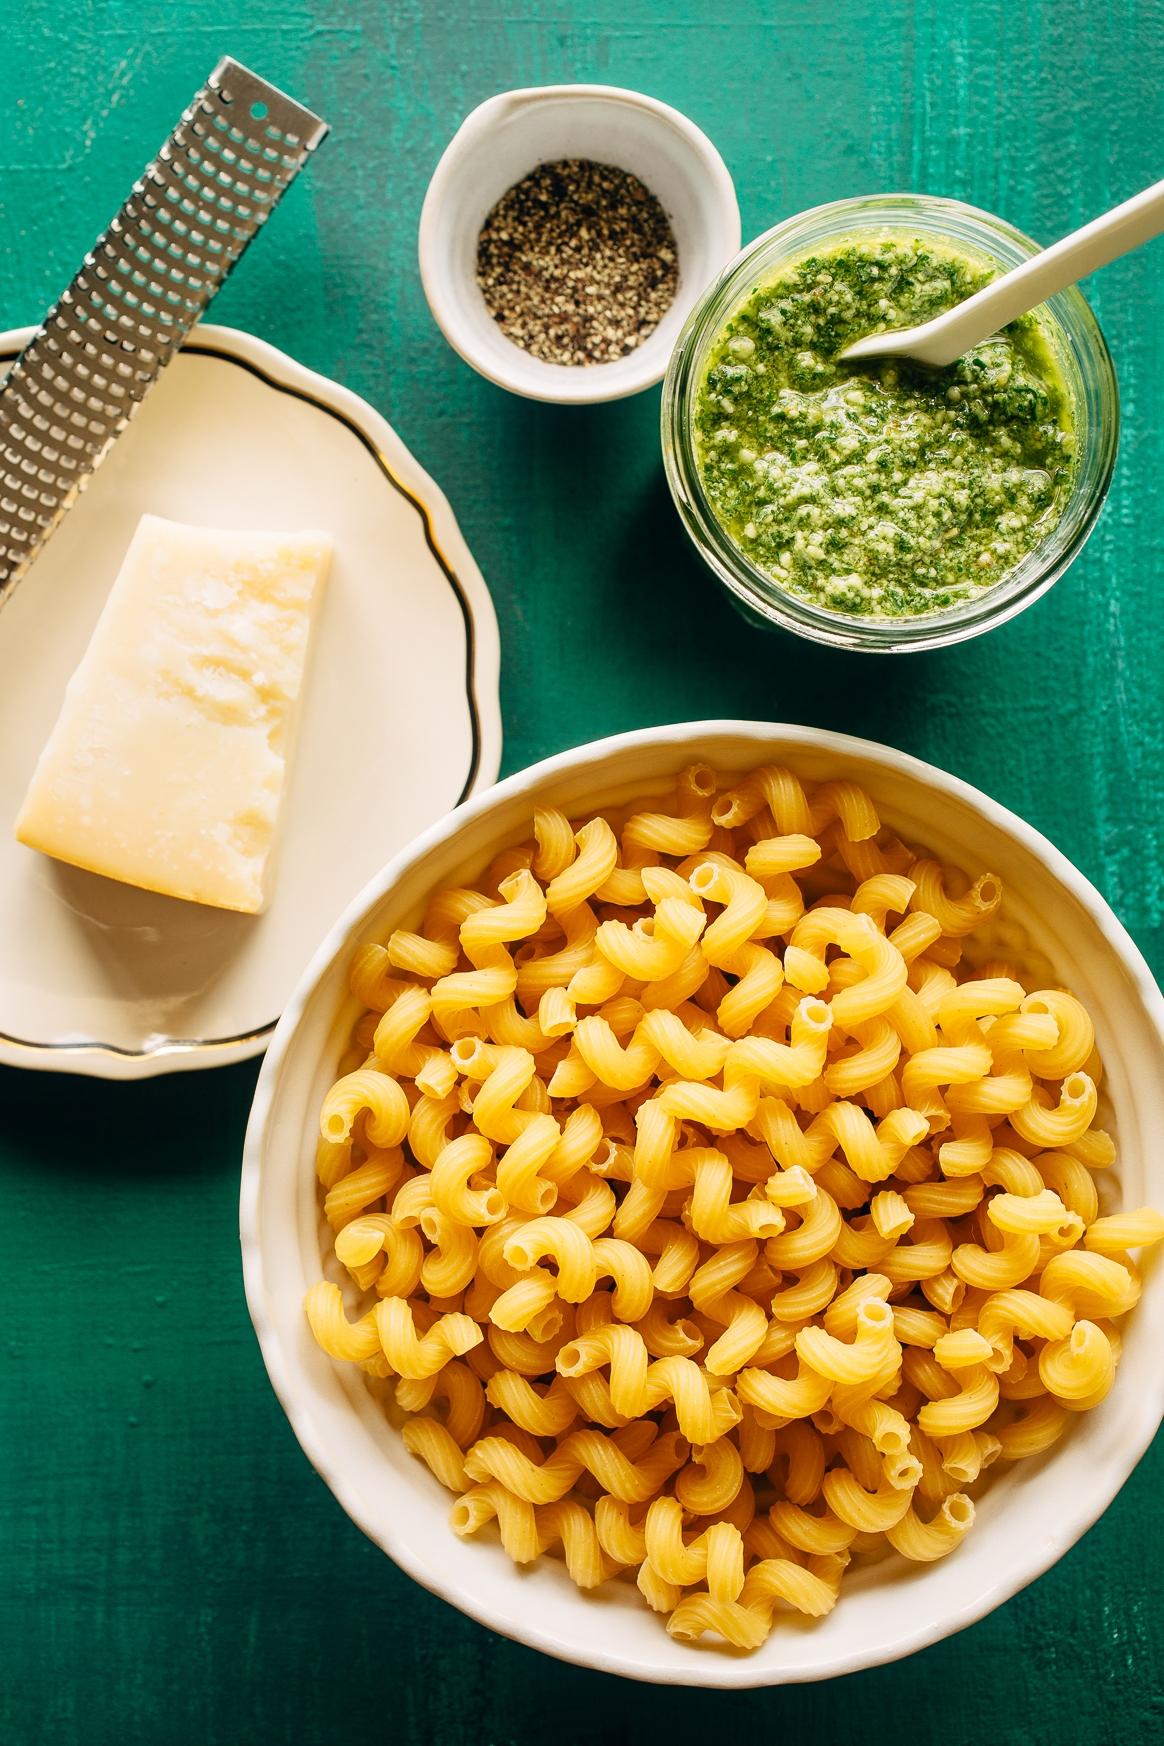 Pesto Pasta Ingredients